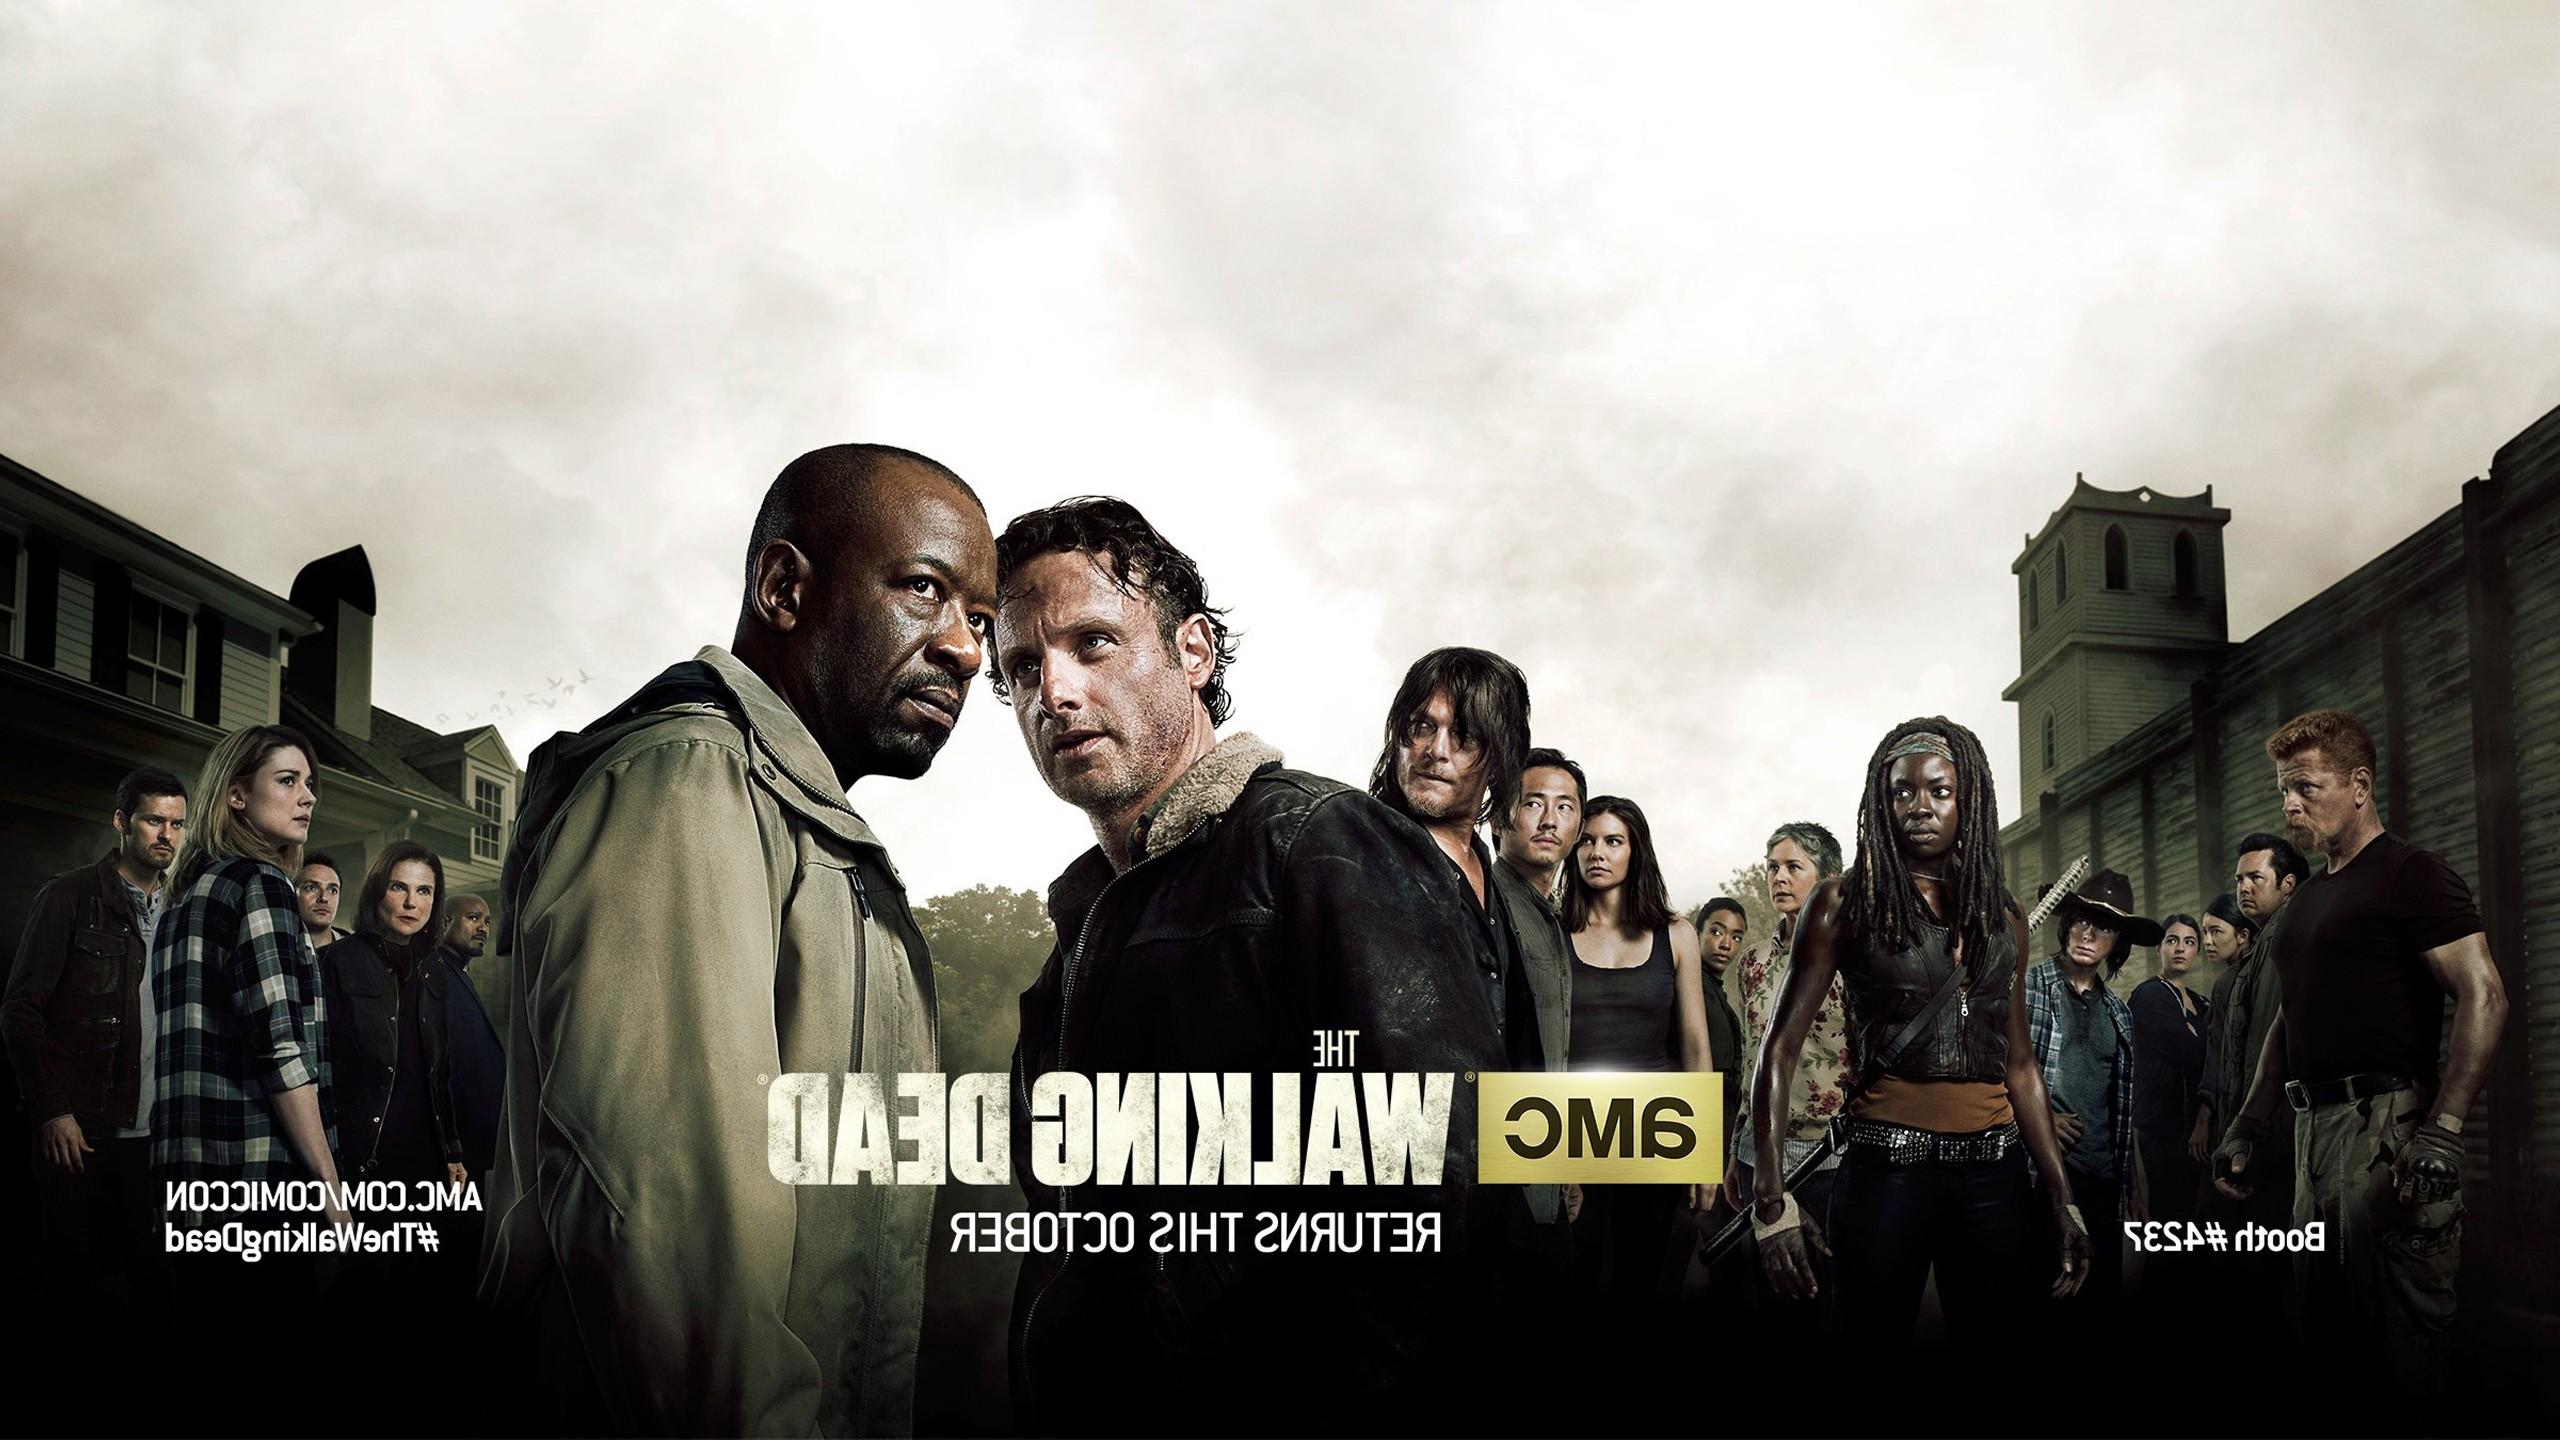 1280x1024 The Walking Dead Season 6 1280x1024 Resolution Hd 4k